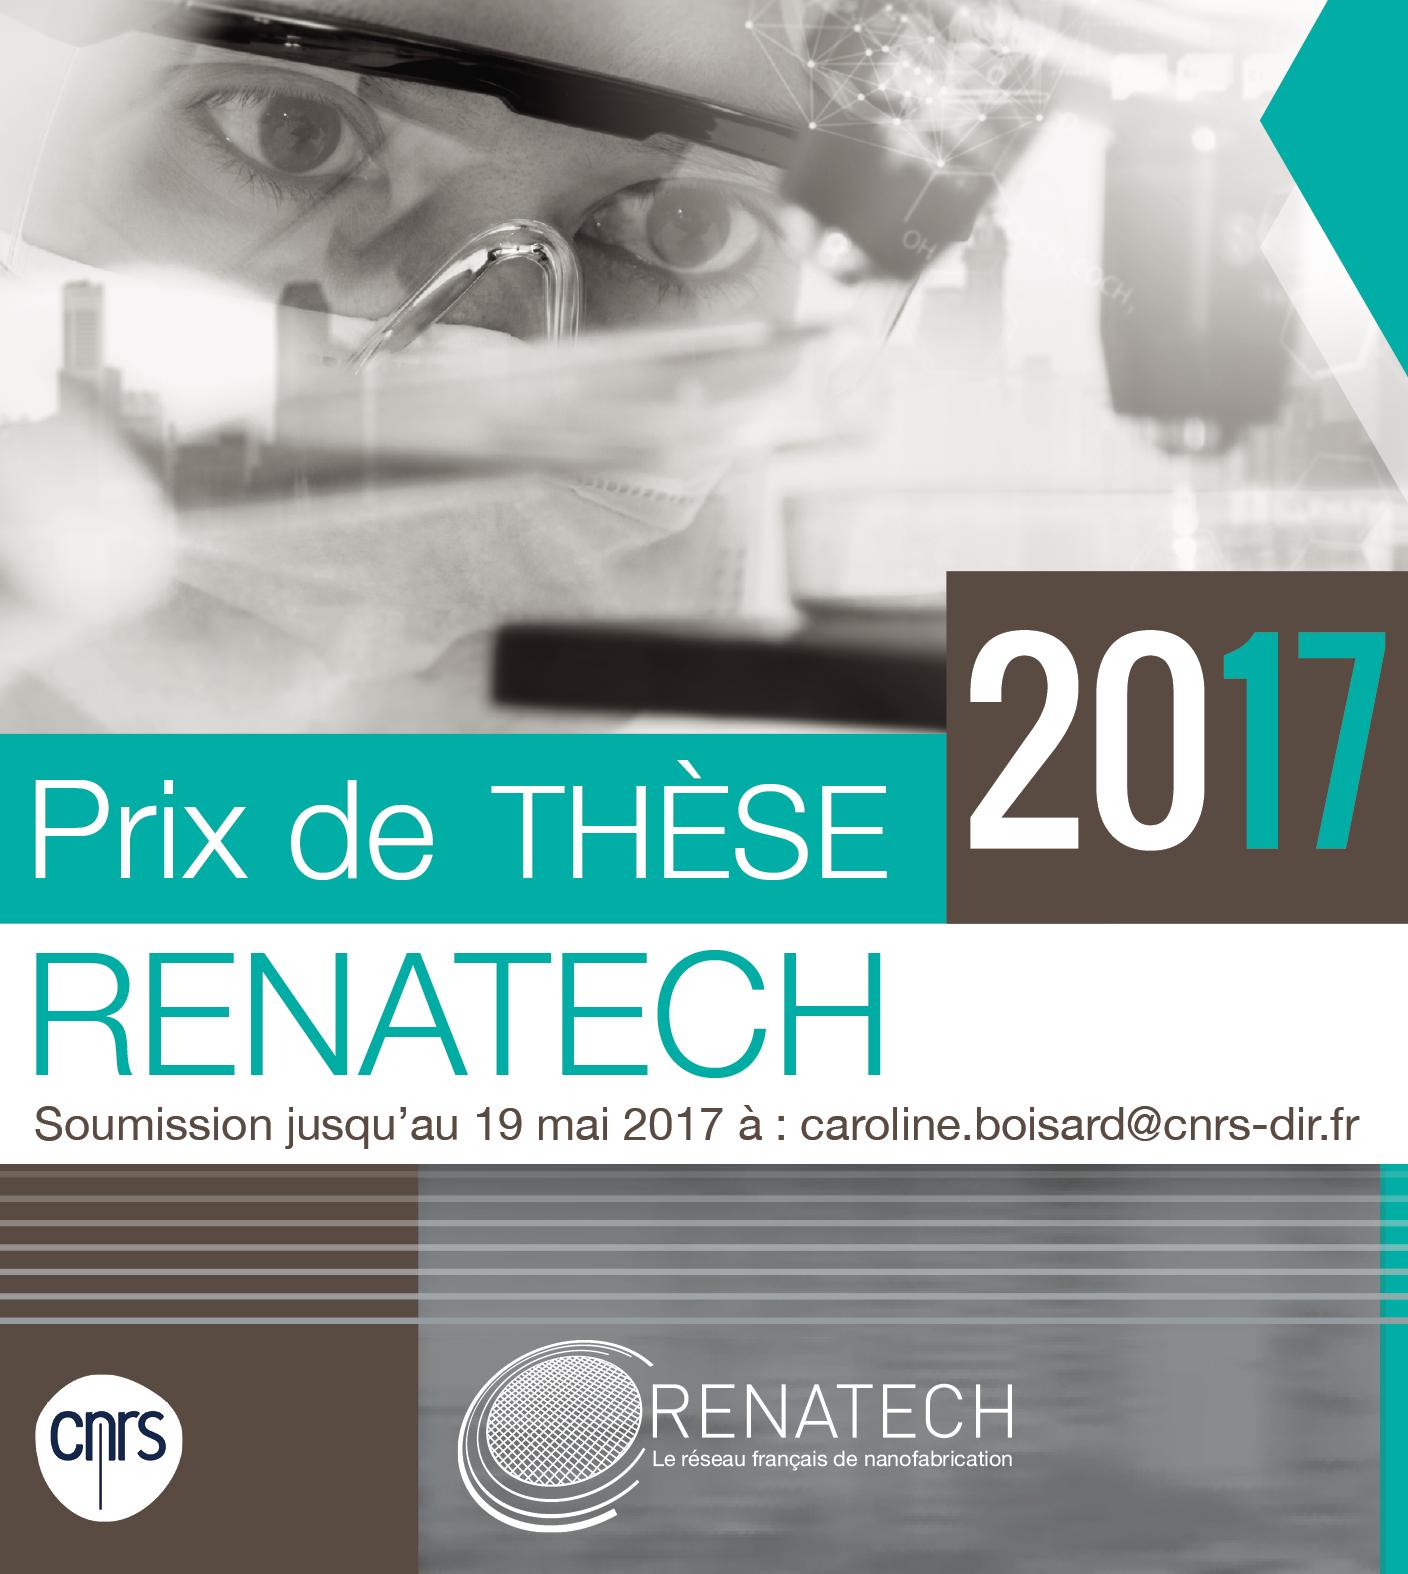 Renatech prize flyer